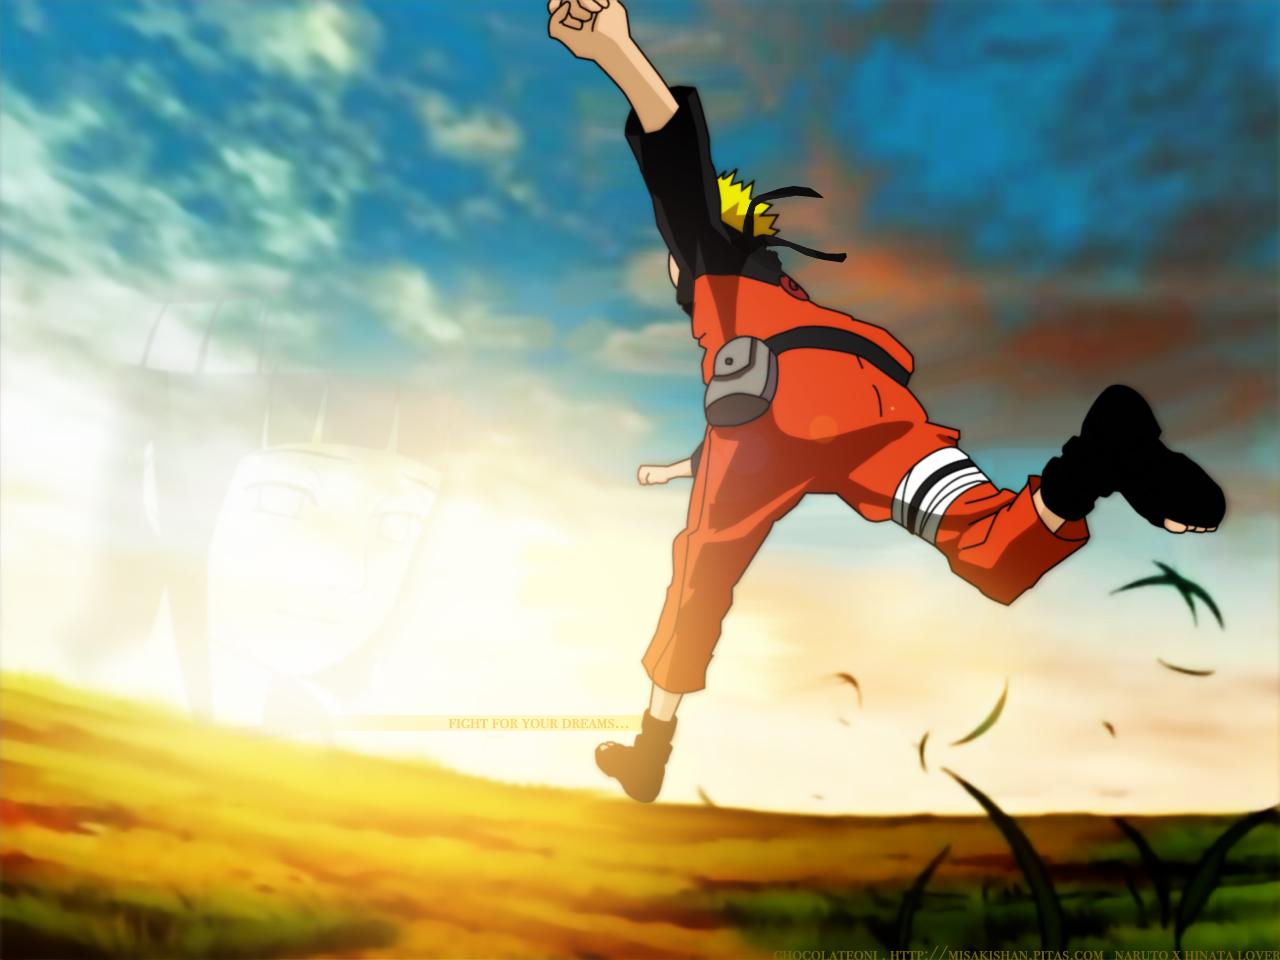 40 Hd Wallpaper Naruto Shippuden 3d: The Best Wallpapers Of Naruto Shippuden Top Wallpapers